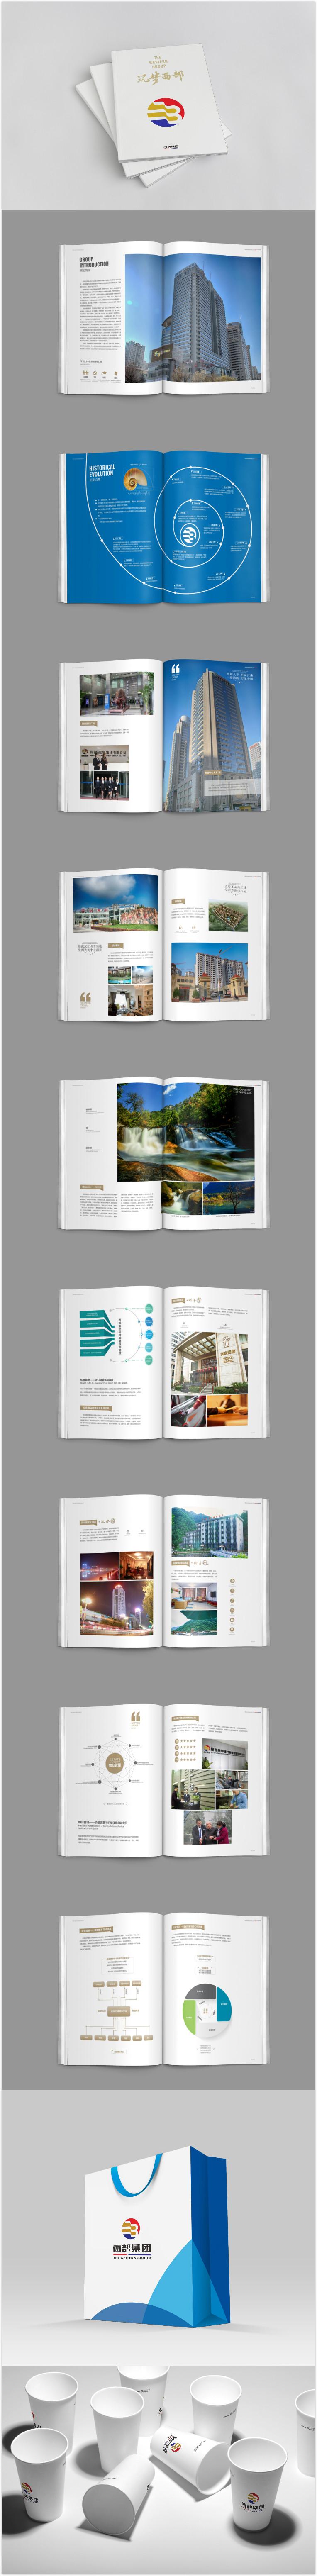 绿地soho同盟地址_西部集团画册 - 画册设计,宣传册设计,形象画册设计,周年庆典 ...